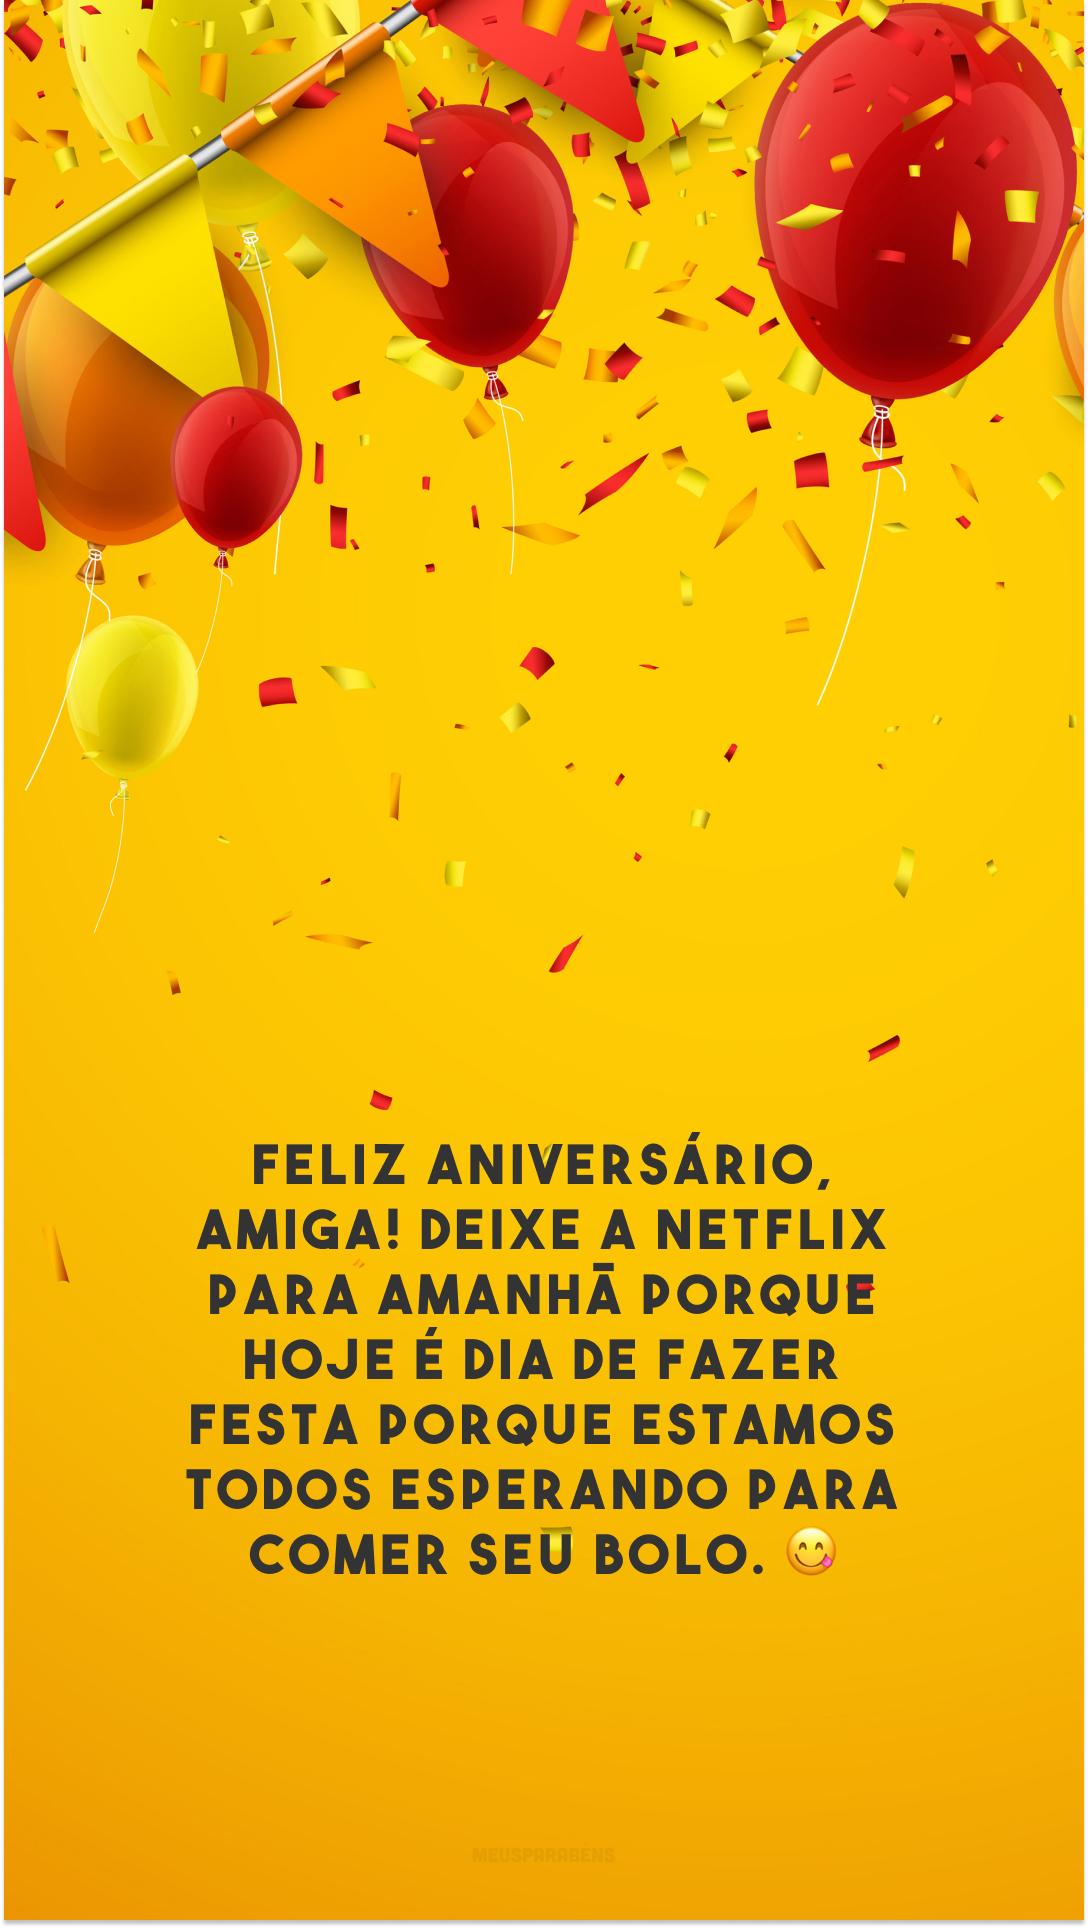 Feliz aniversário, amiga! Deixe a Netflix para amanhã porque hoje é dia de fazer festa porque estamos todos esperando para comer seu bolo. 😋